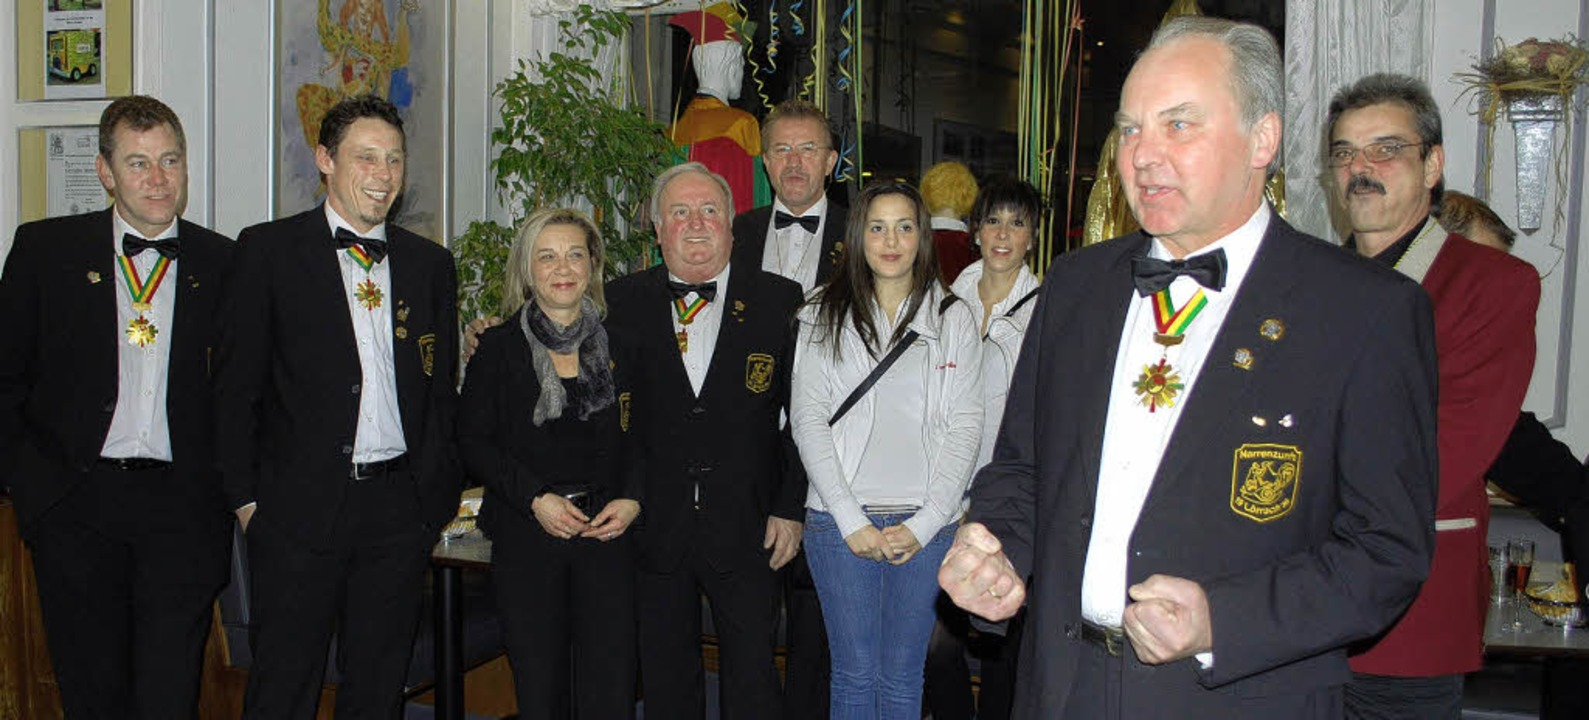 Oberzunftmeister Karl-Heinz Sterzel be...m Café Pape mit Zunftmeisterkollegen.   | Foto: Thomas Loils Mink